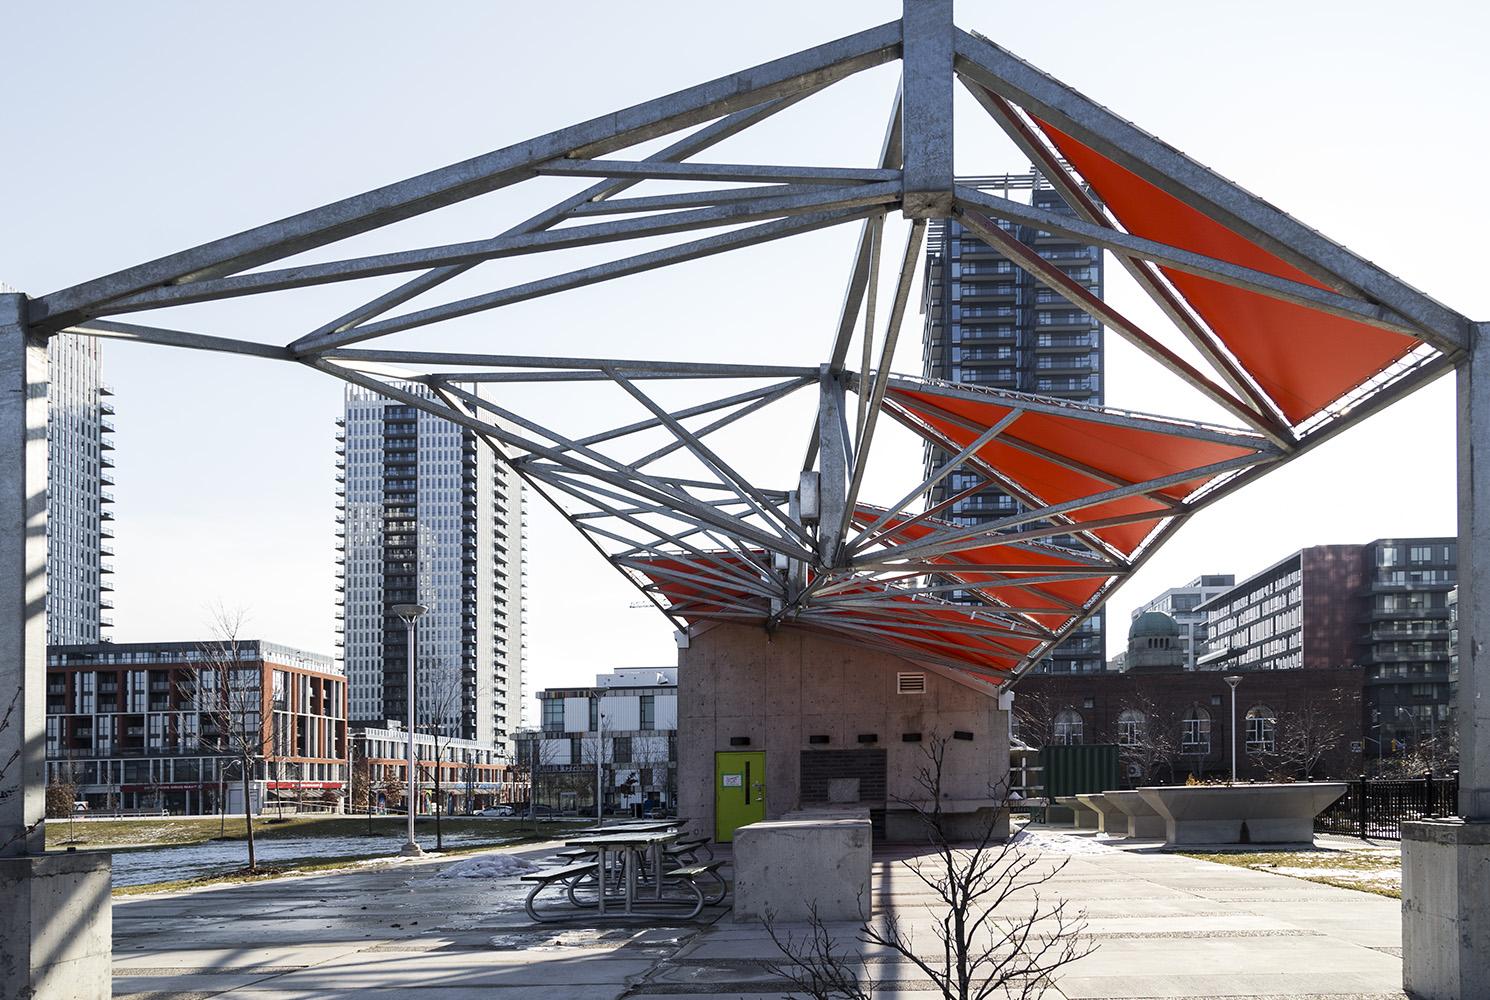 20170103. Regent Park's new park features this neat structure ho